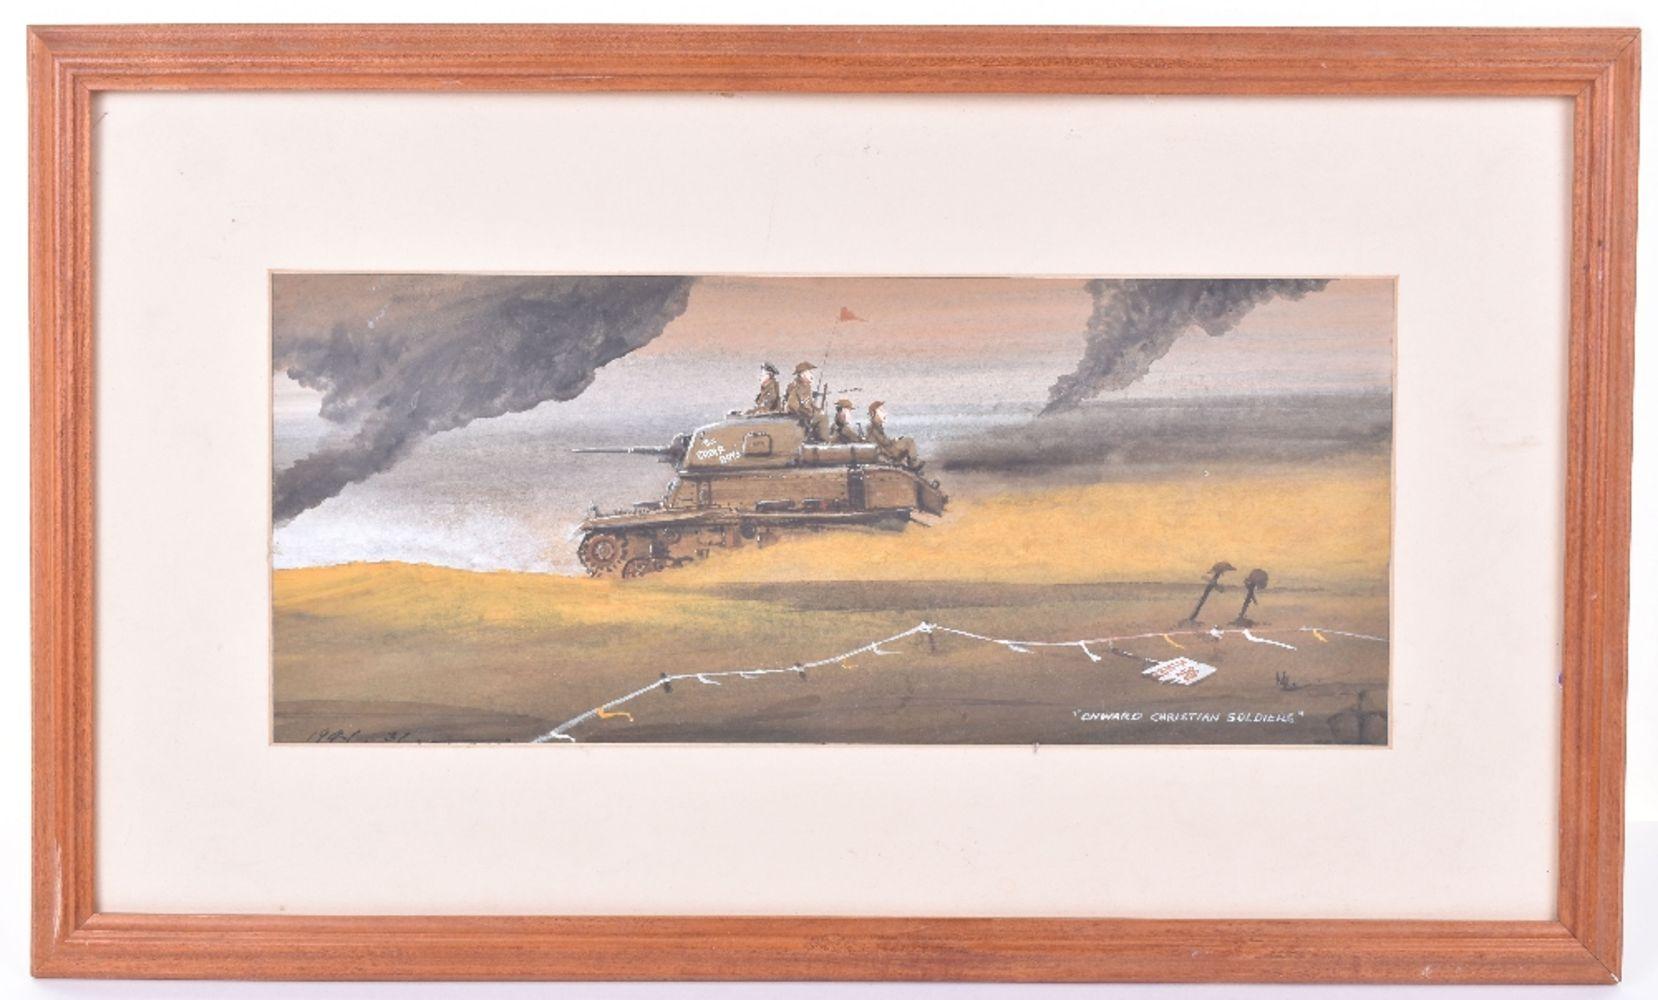 Antiques & Collectors Auction